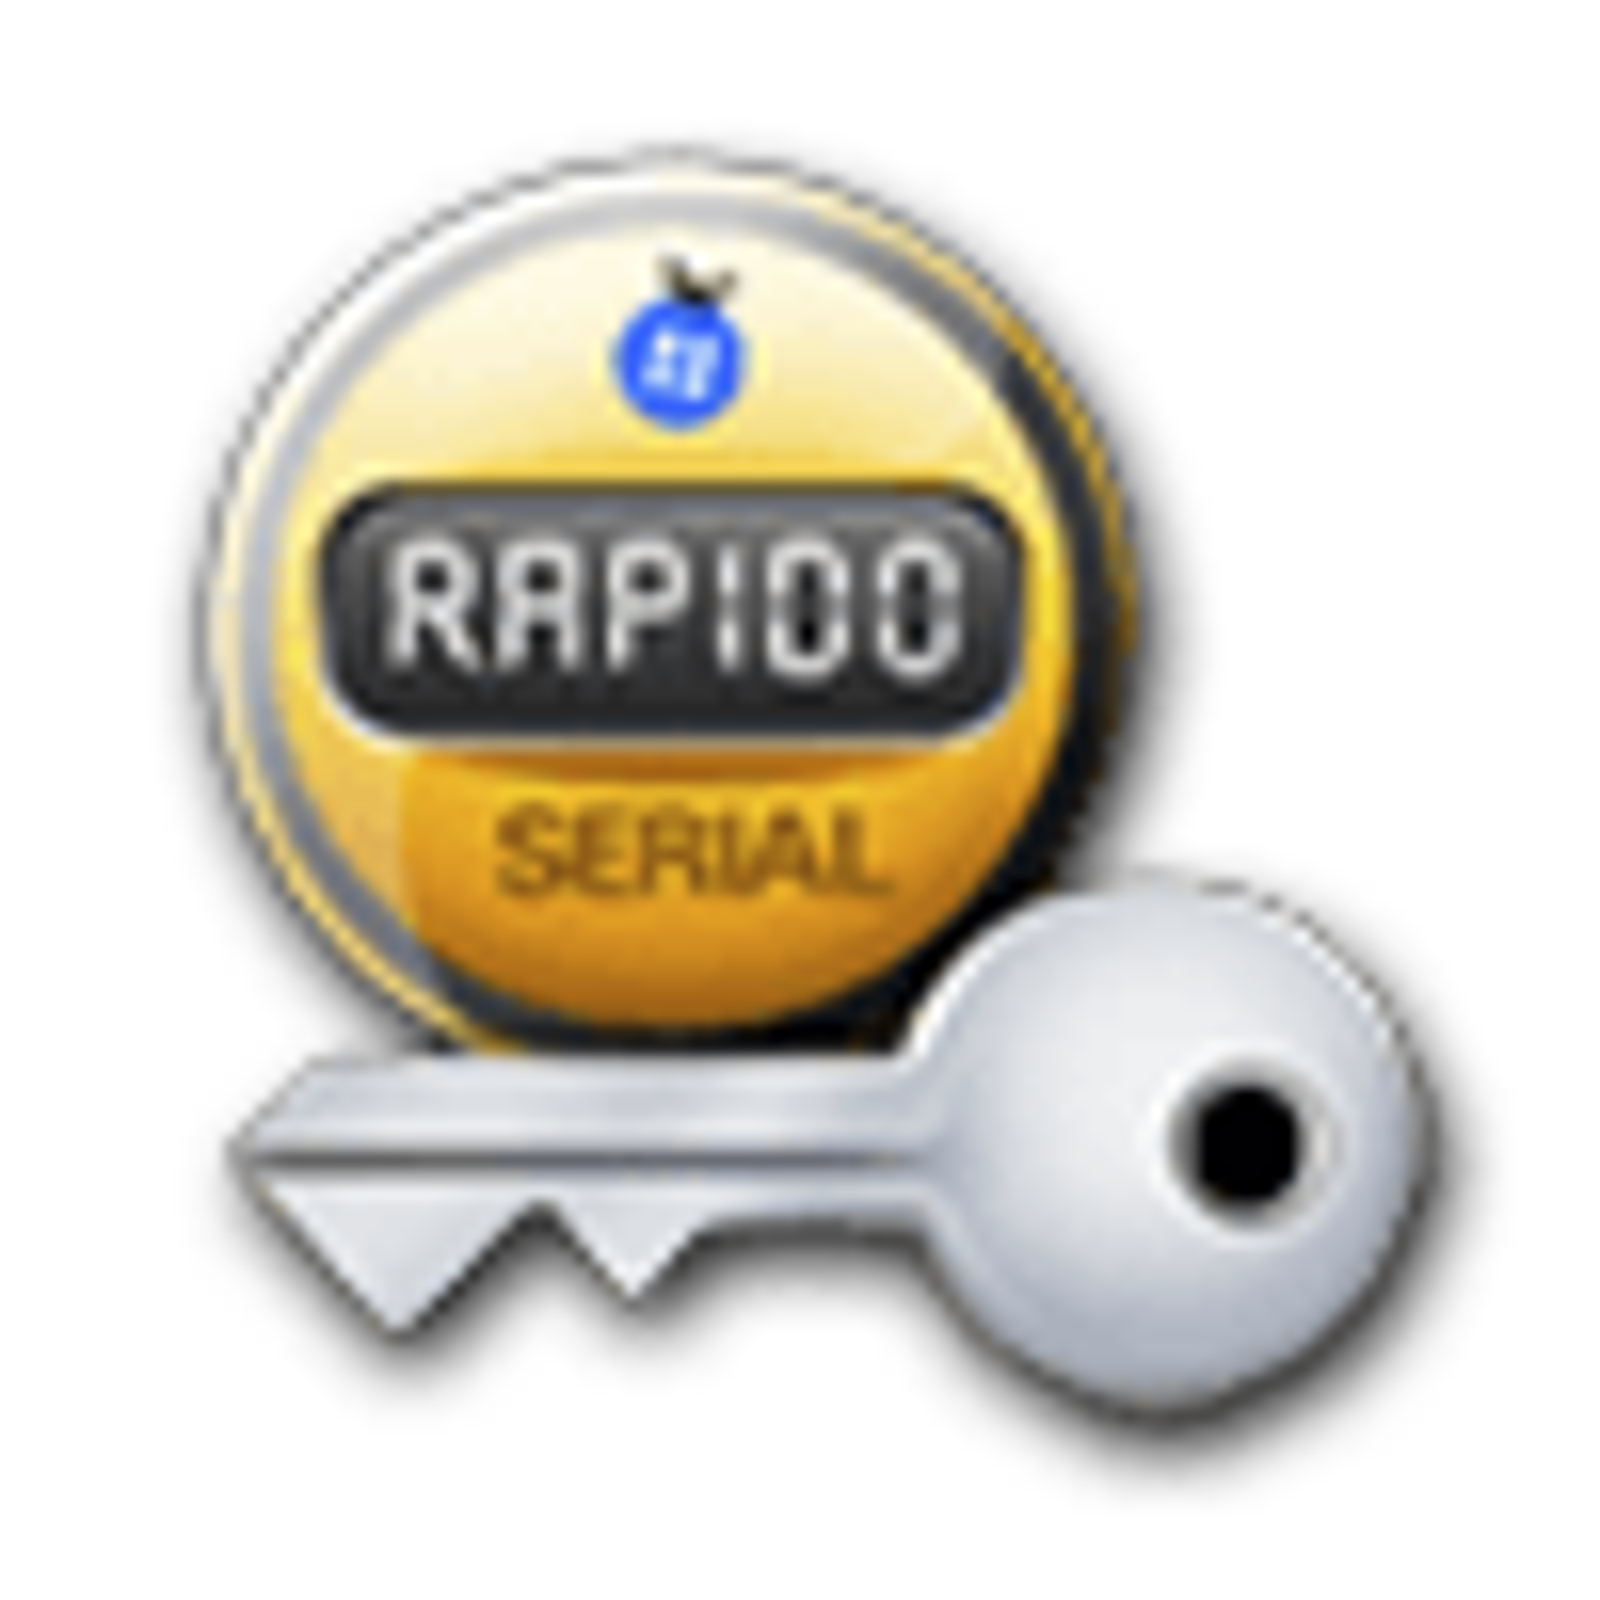 RapidoSerial 2.1.1